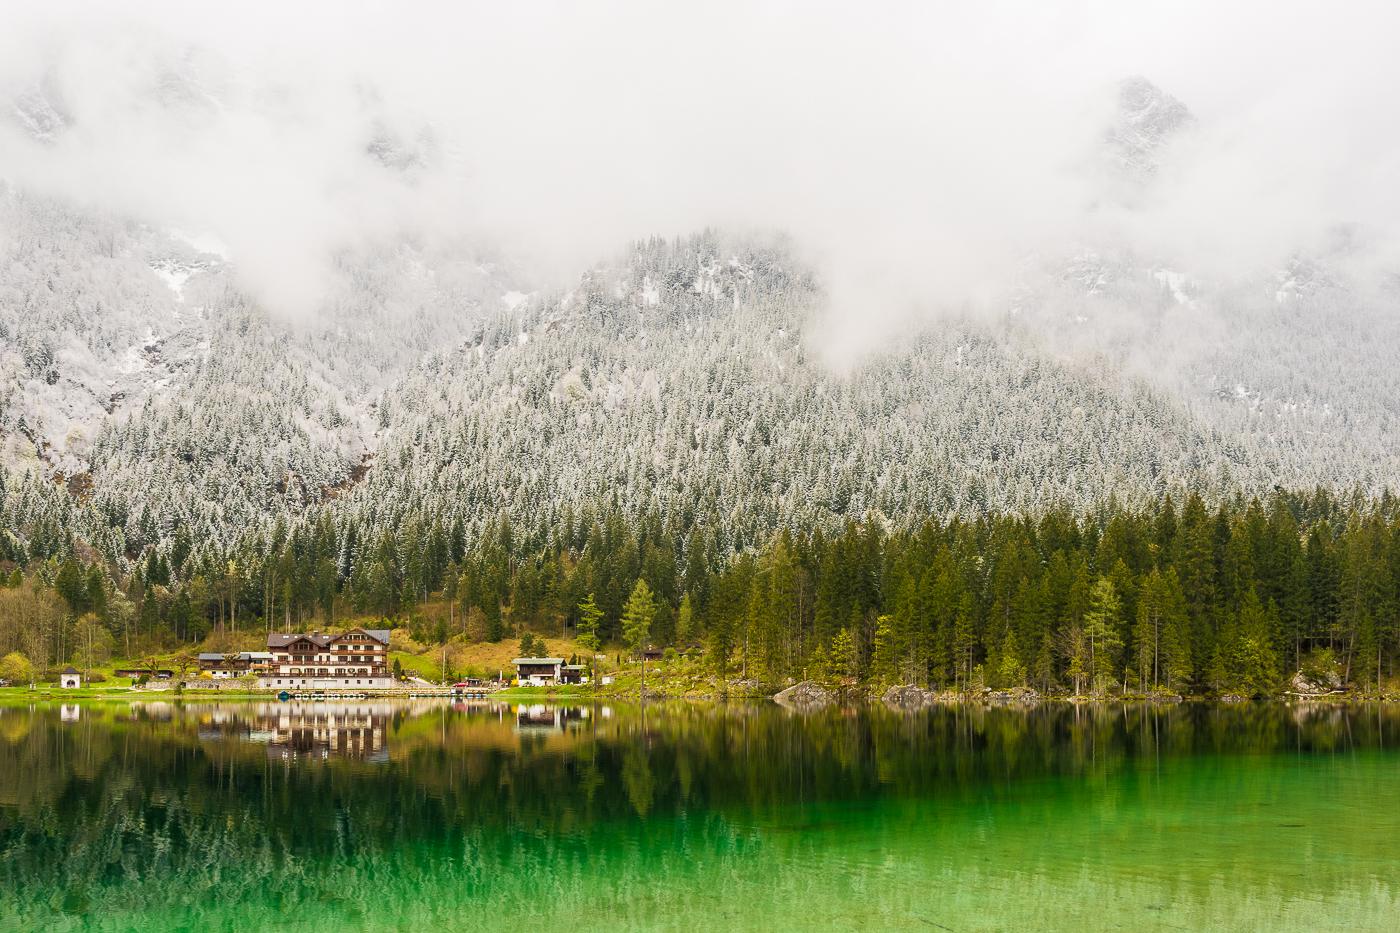 Hintersee, Ramsau, Berchtesgadener Land, Germany